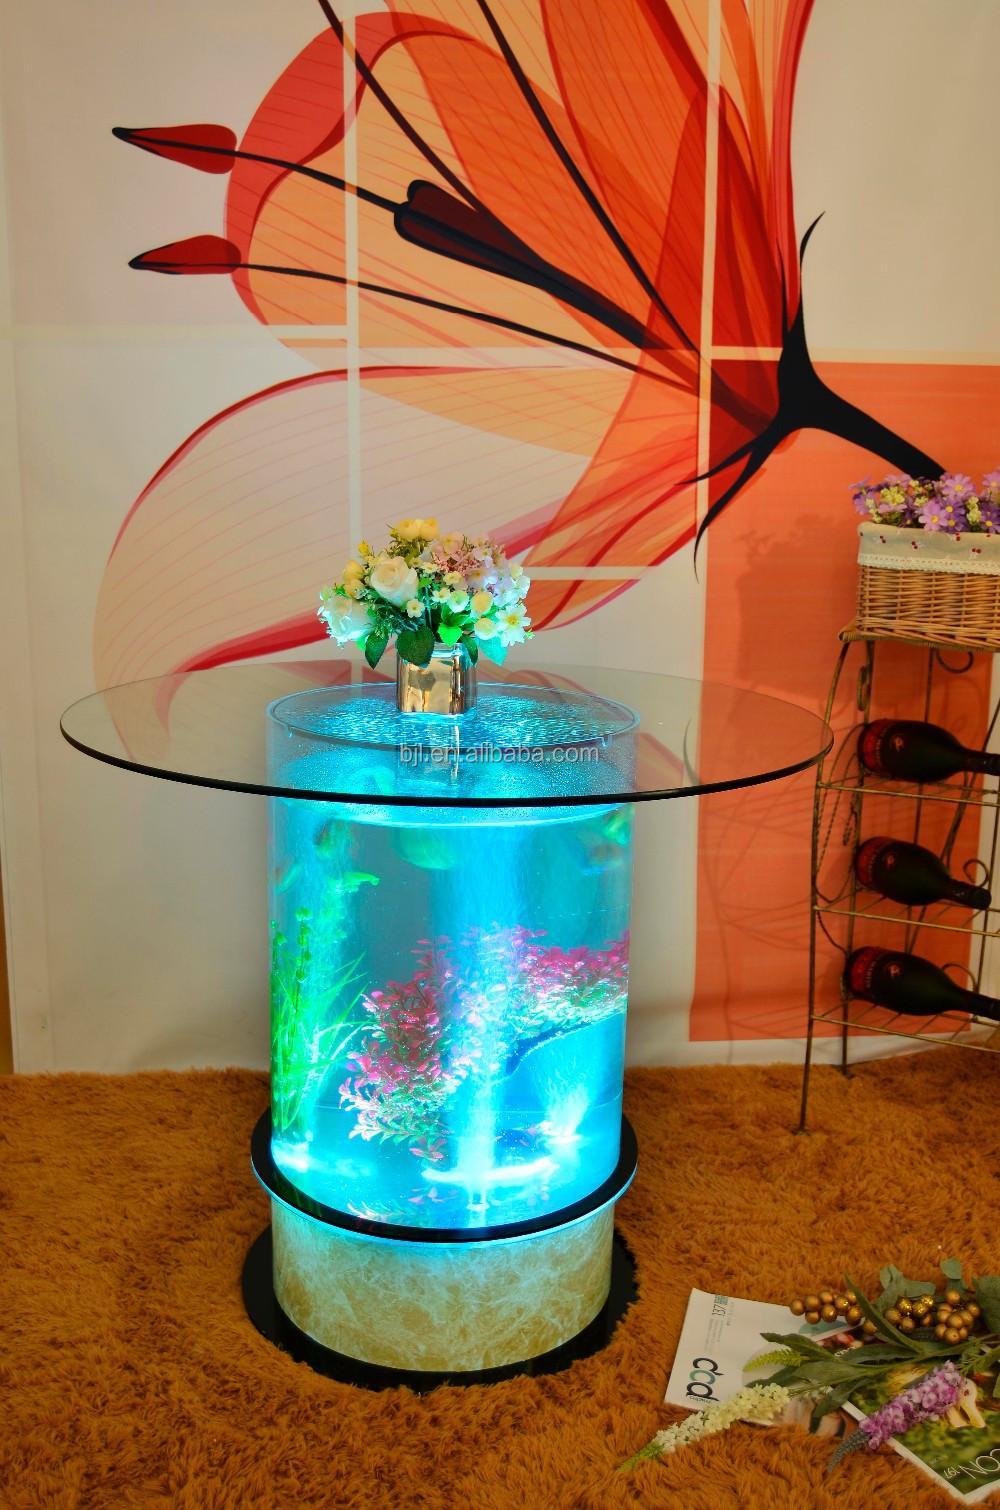 Round Glass Aquarium Water Bubble Glowing Aquarium Table